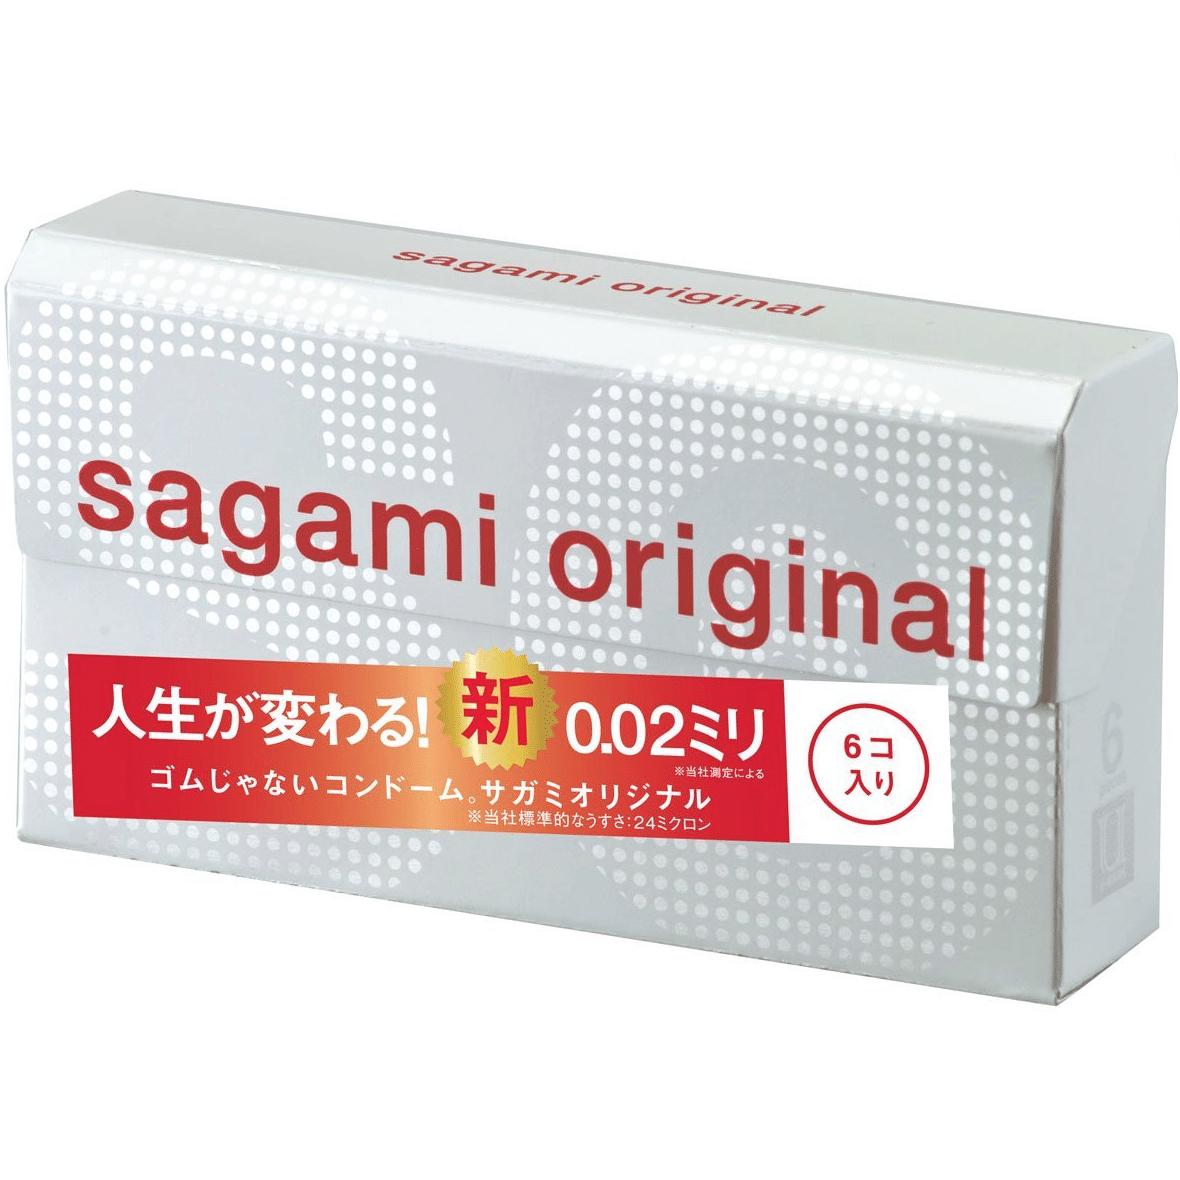 20190213221745 3127172 sagami original 0 - Top 10 bao cao su nhật bản tốt nhất thế giới